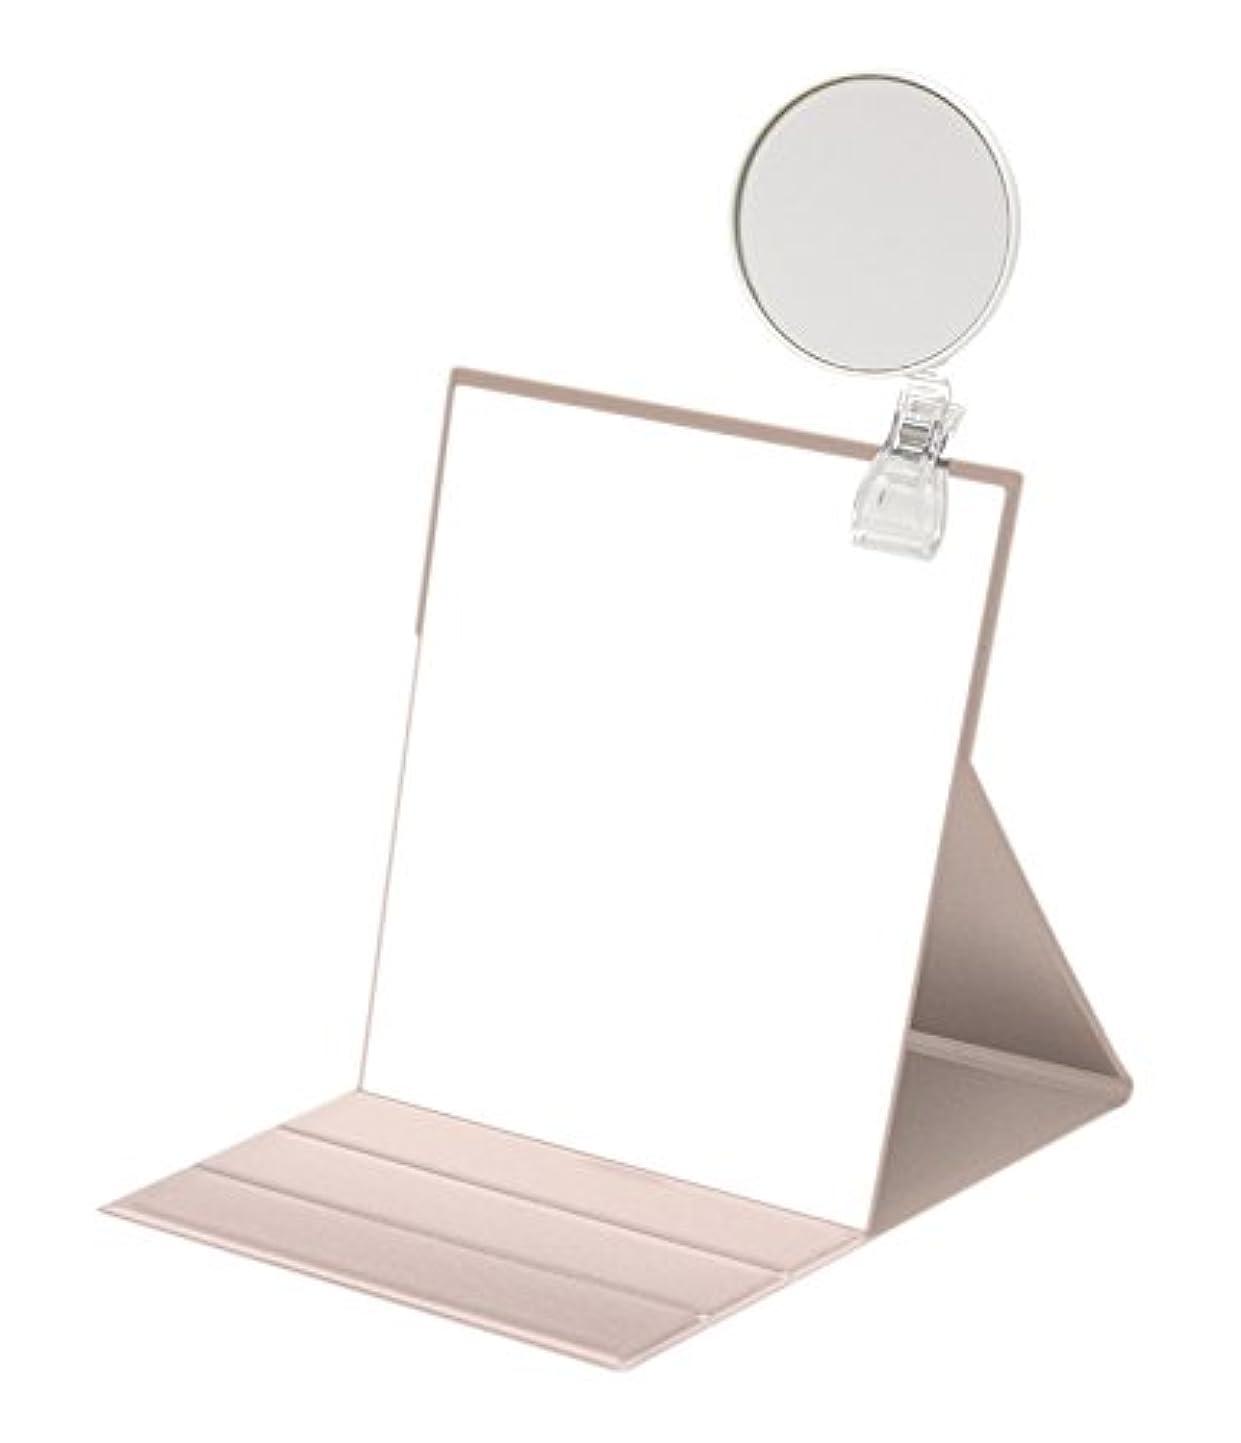 自分の信頼性再集計ナピュアミラー 3倍拡大鏡付きプロモデル折立ナピュアミラーL ピンクゴールド HP-35×3